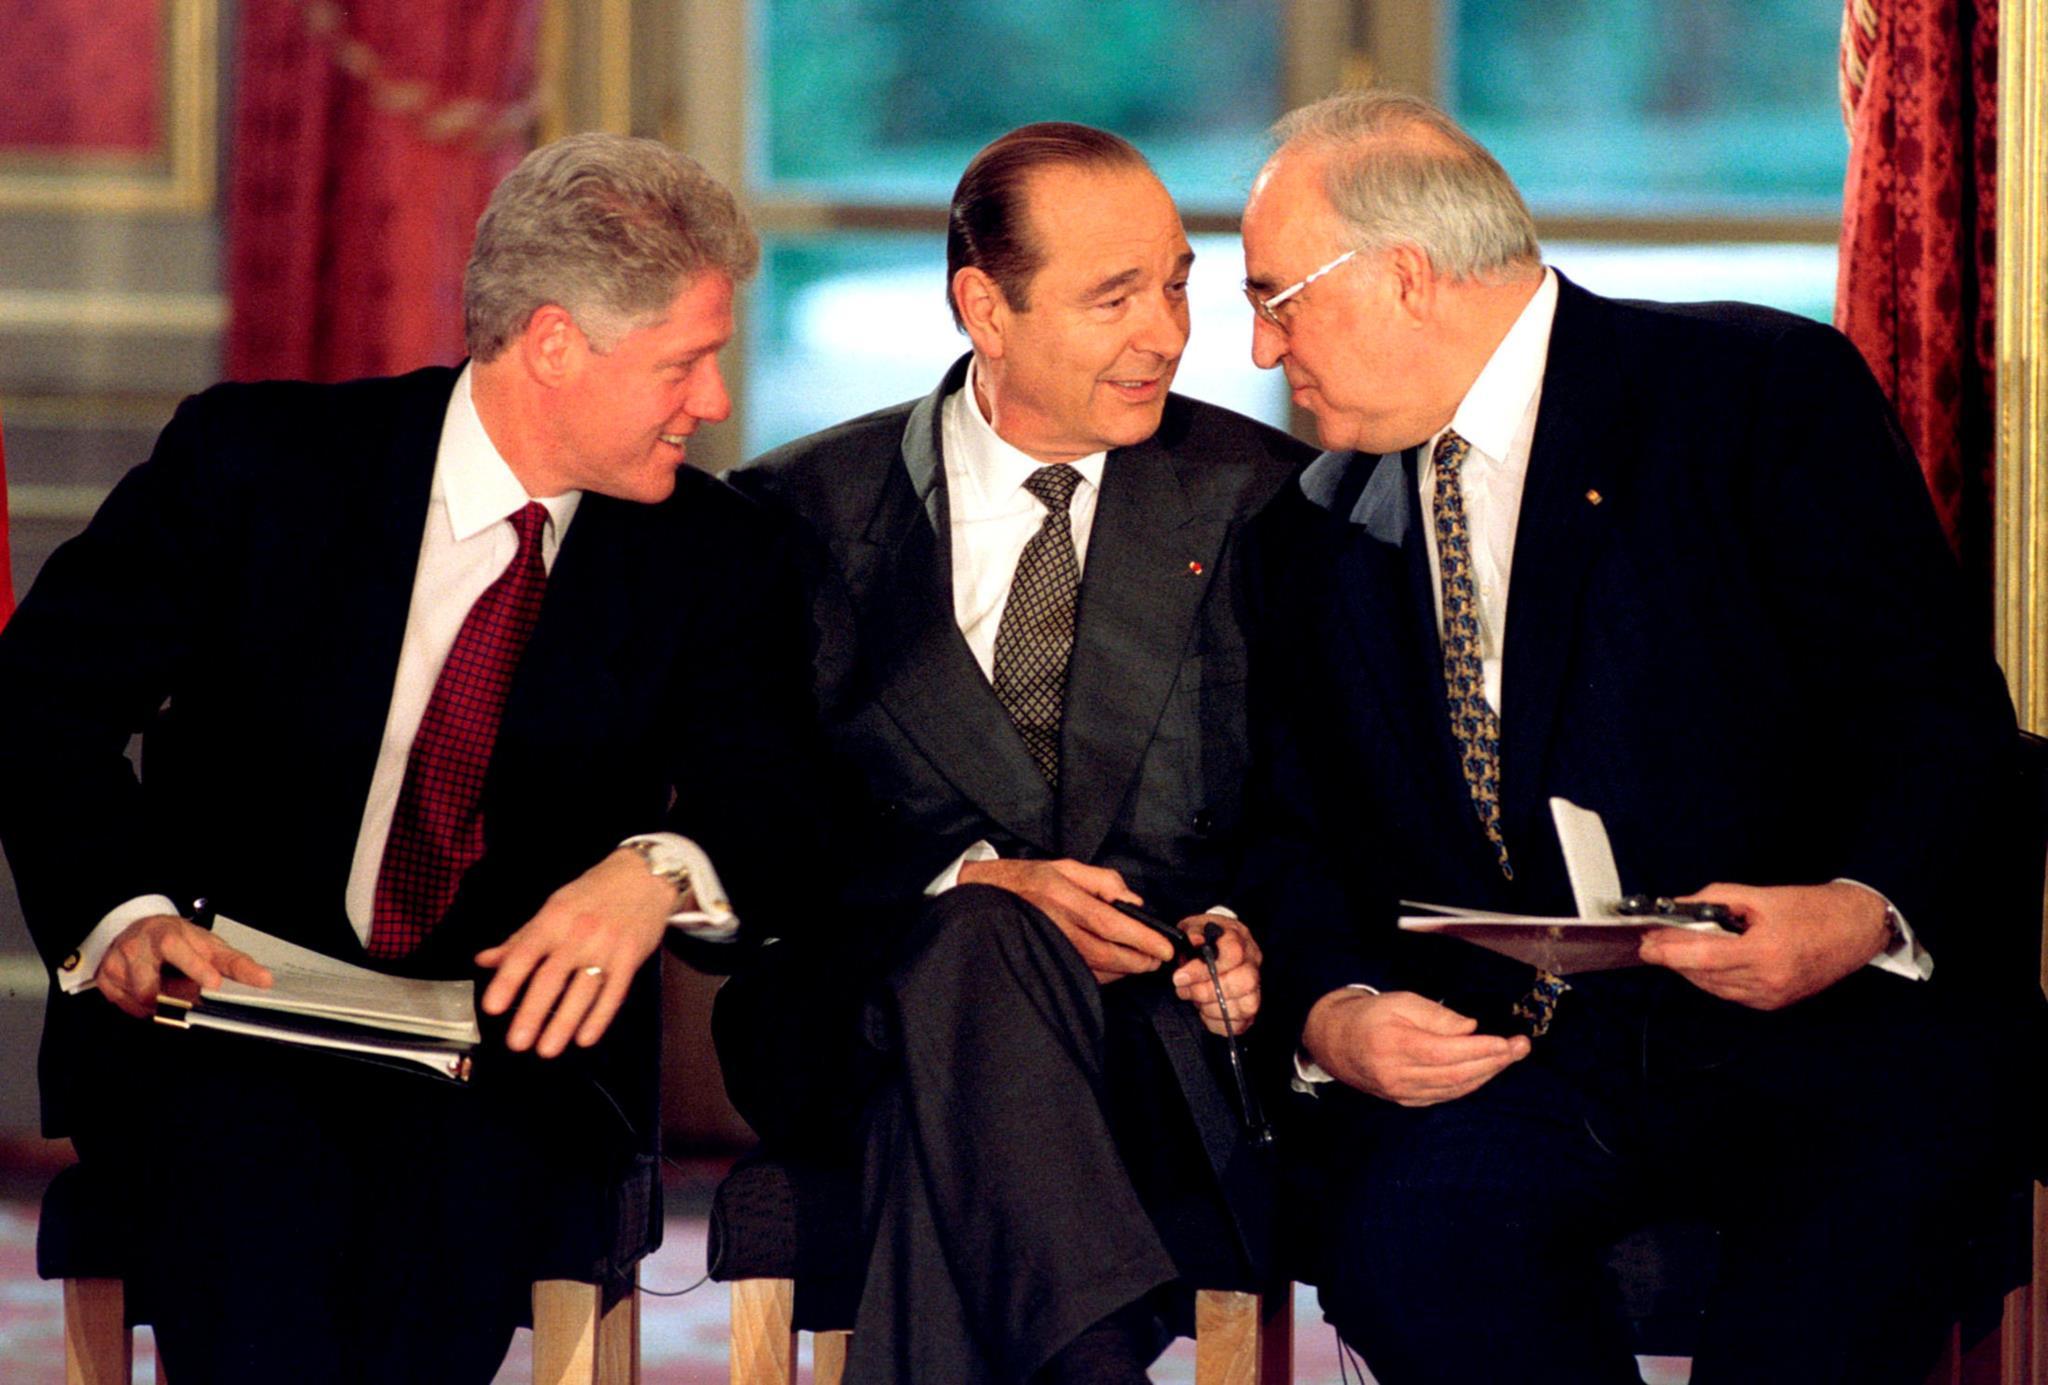 Bill Clinton, Jacques Chirac e Helmut Kohl durante a assinatura do acordo de Dayton para a Paz na Bósnia e Herzegovina, em Paris,1995